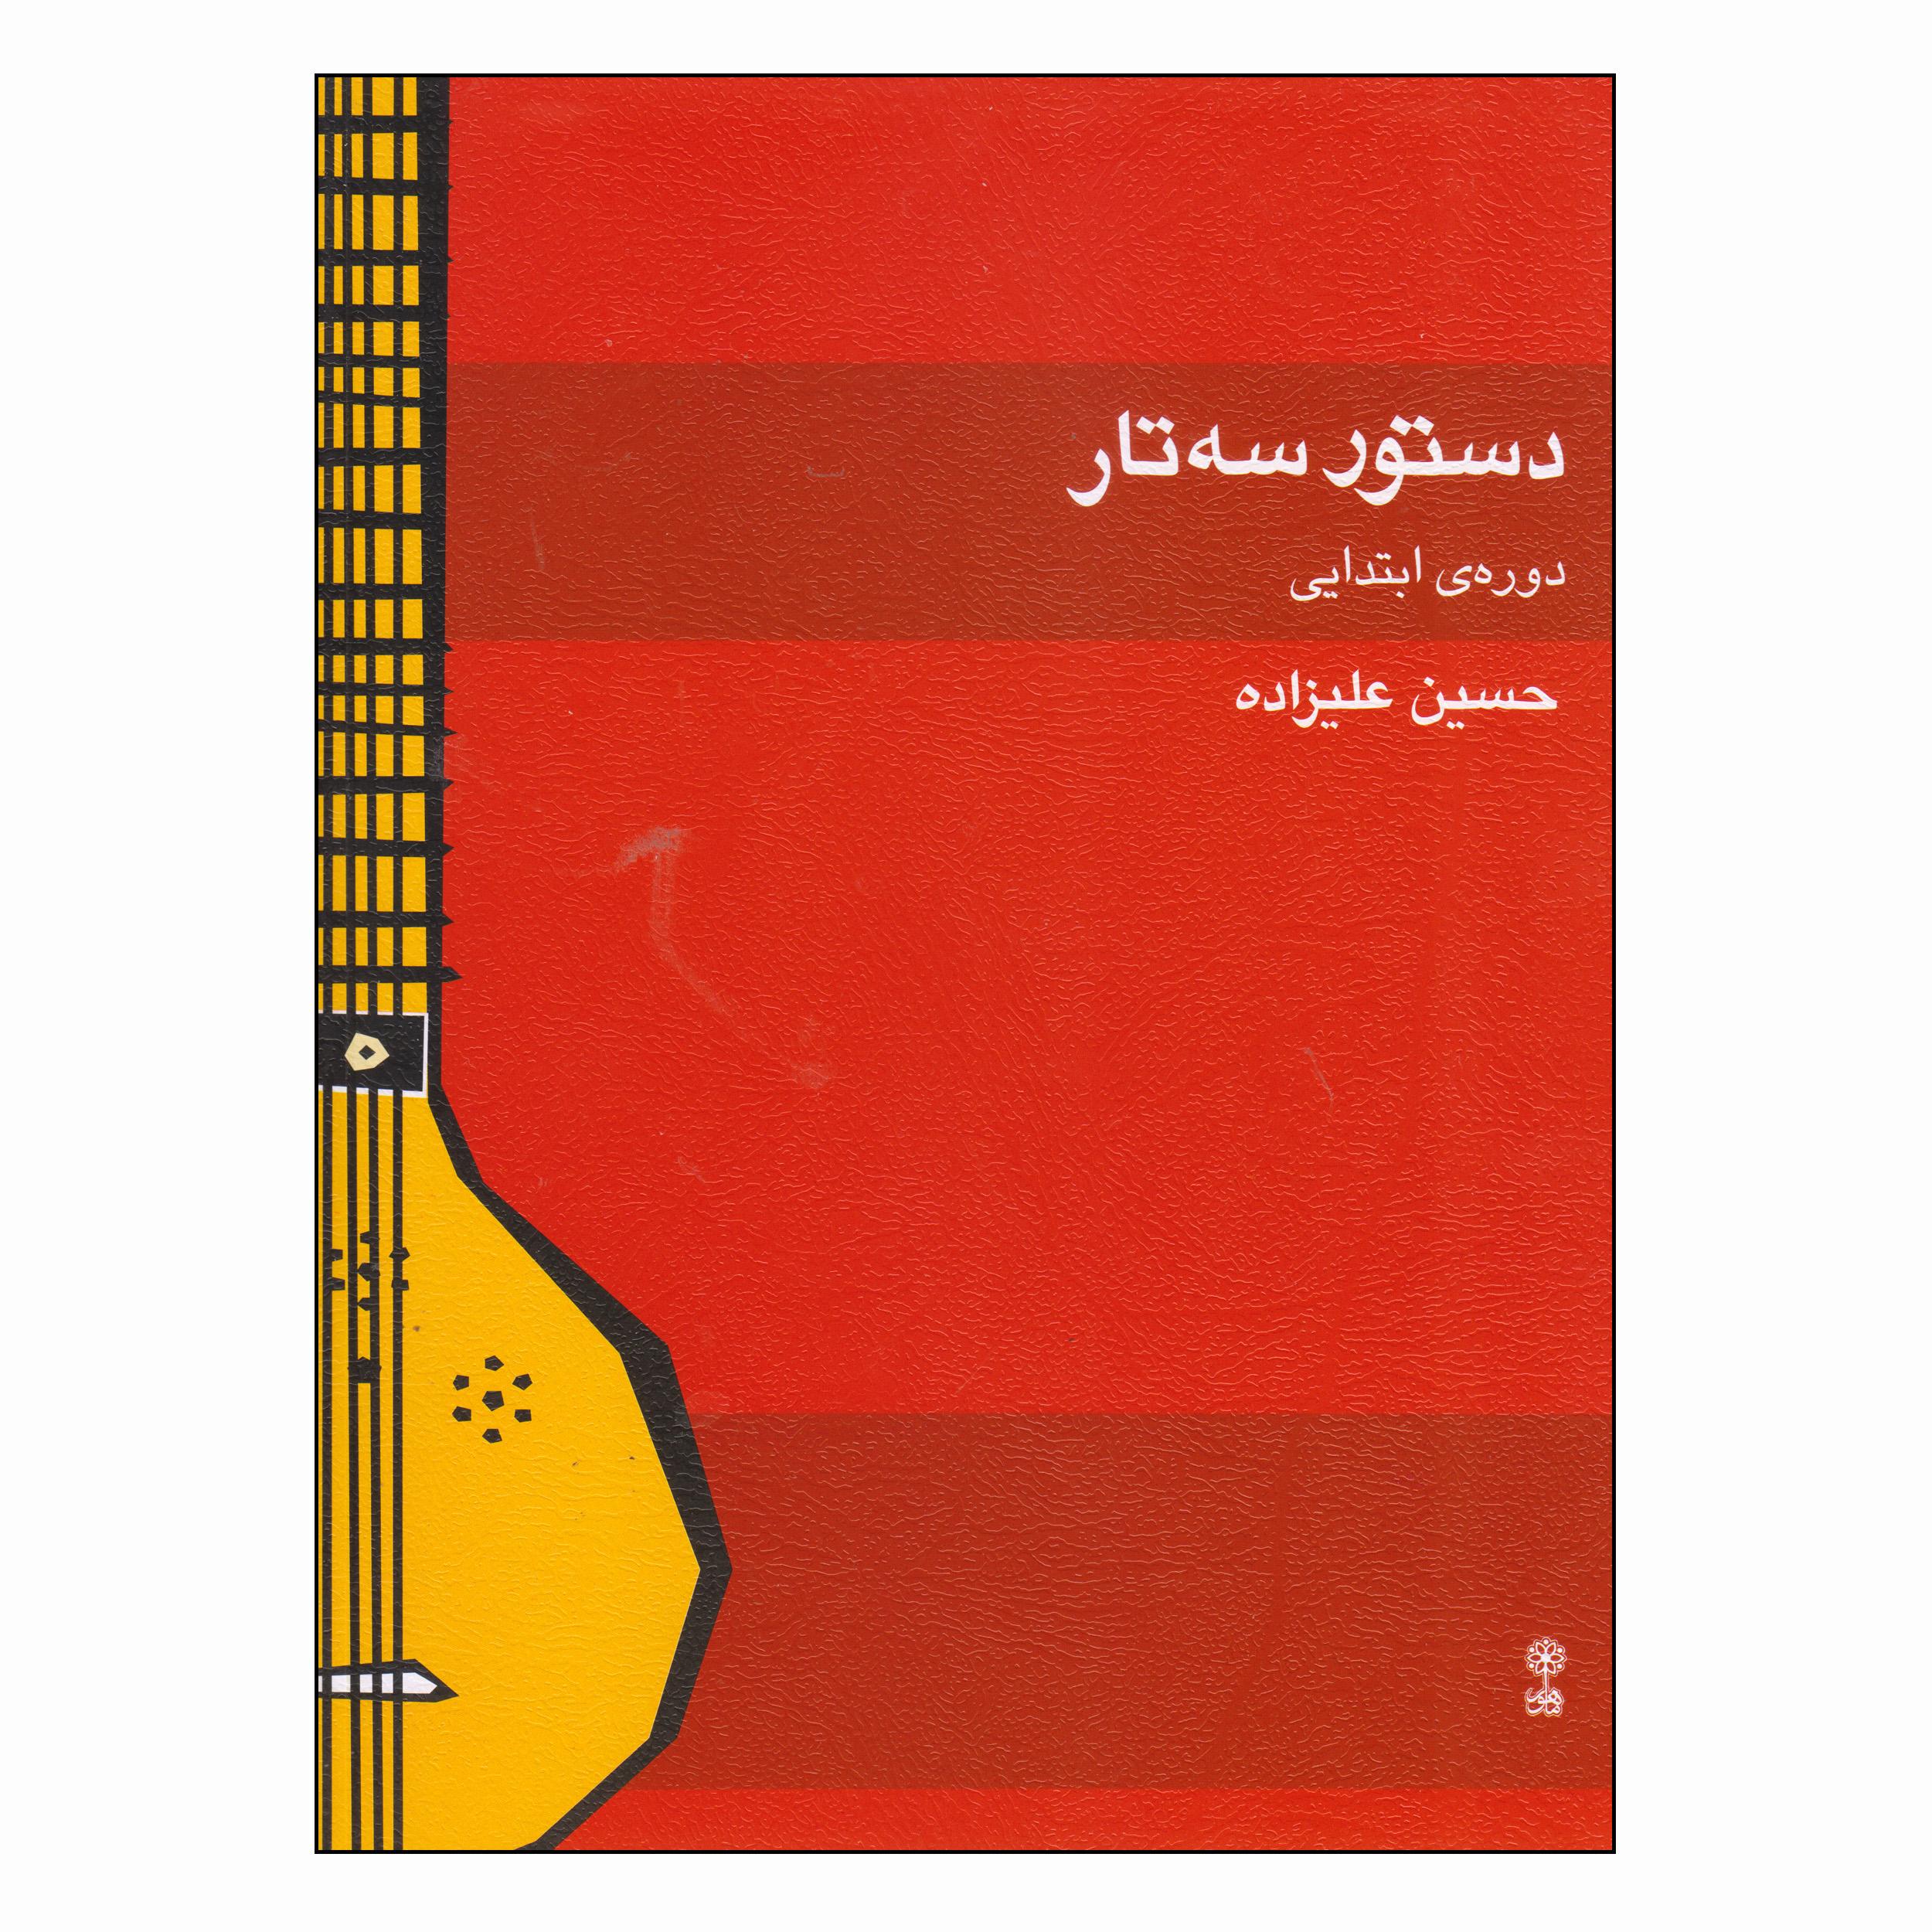 خرید                      کتاب دستور سه تار دورهی ابتدایی اثر حسین علیزاده انتشارات ماهور